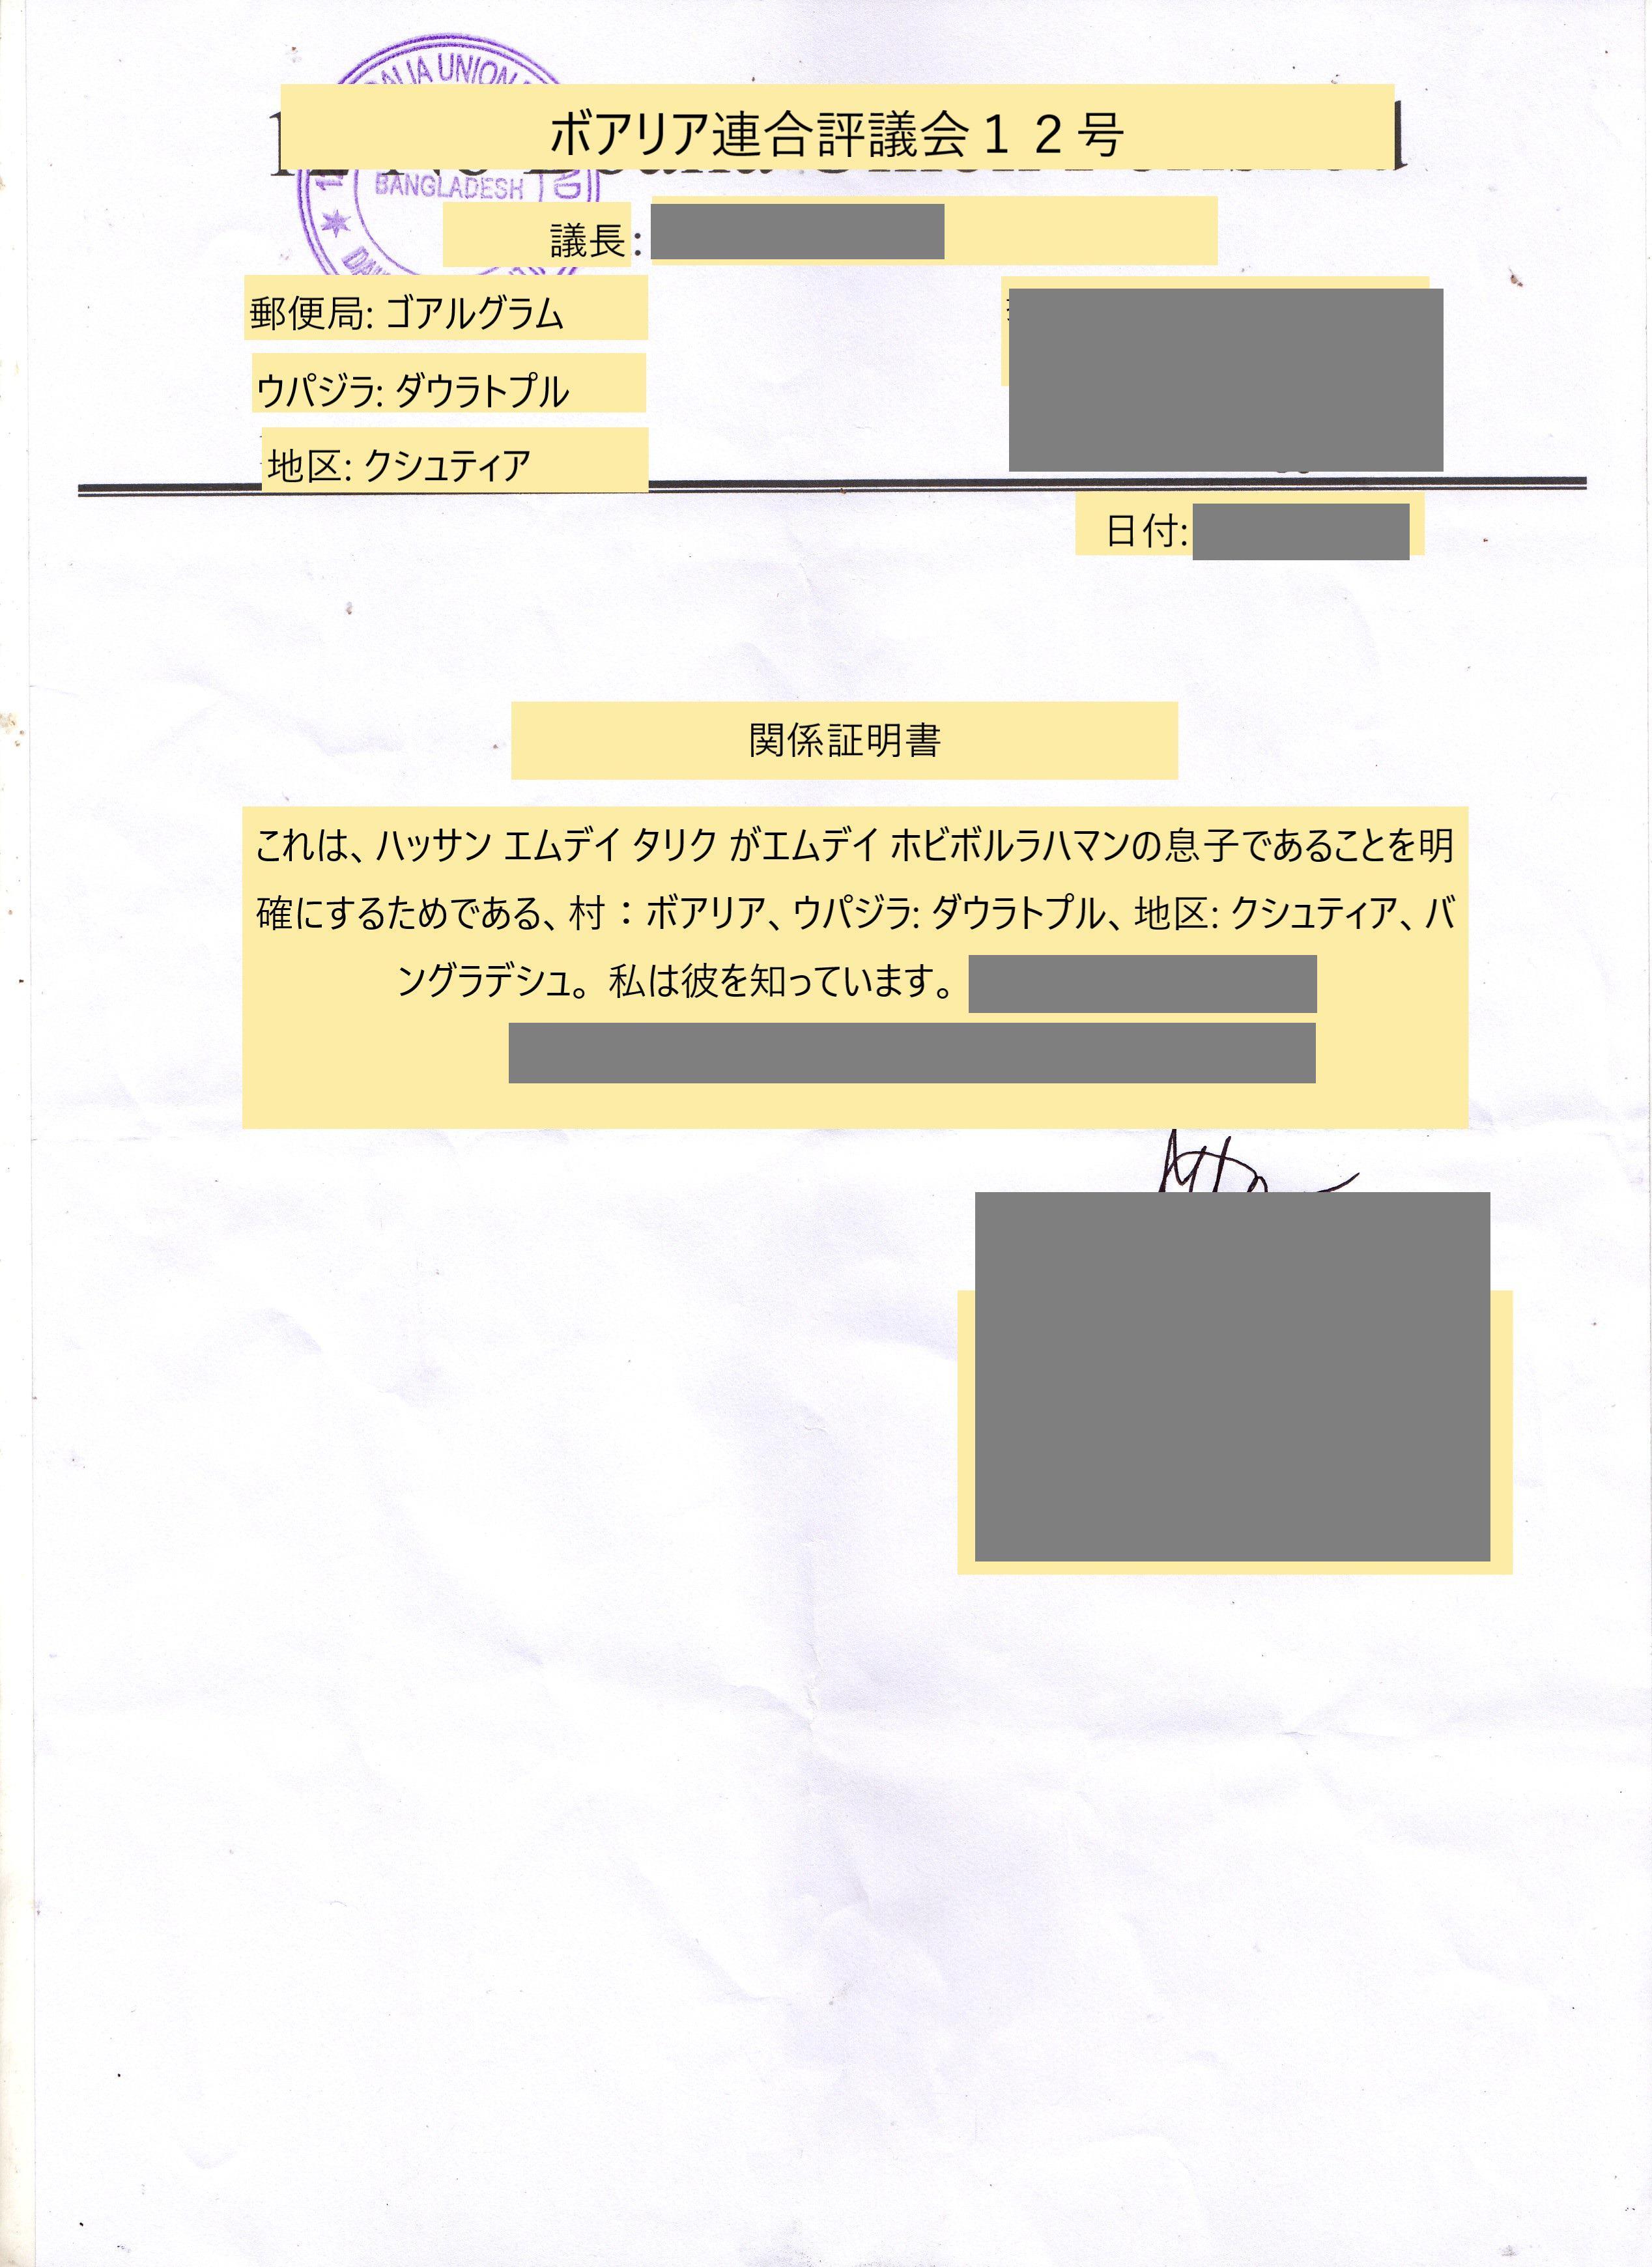 Japanese translation of dependent relationship certificate (関係証明書 翻訳版)